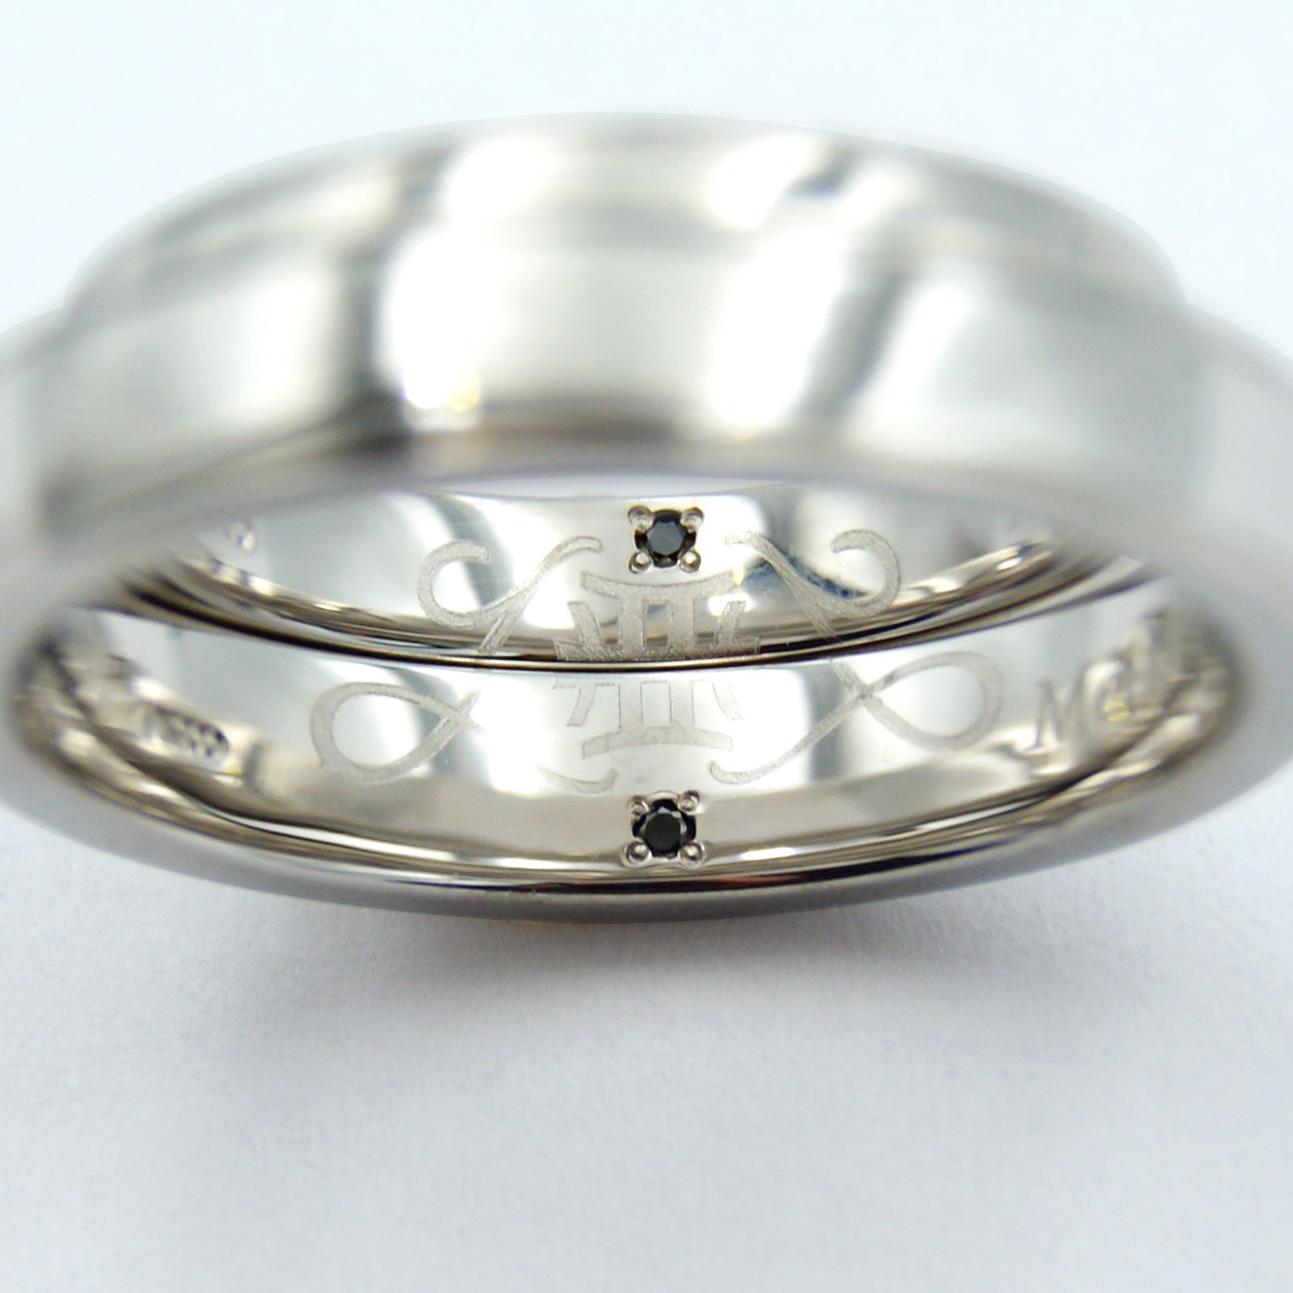 結婚指輪の内側に入れたふたりのイニシャルと星座